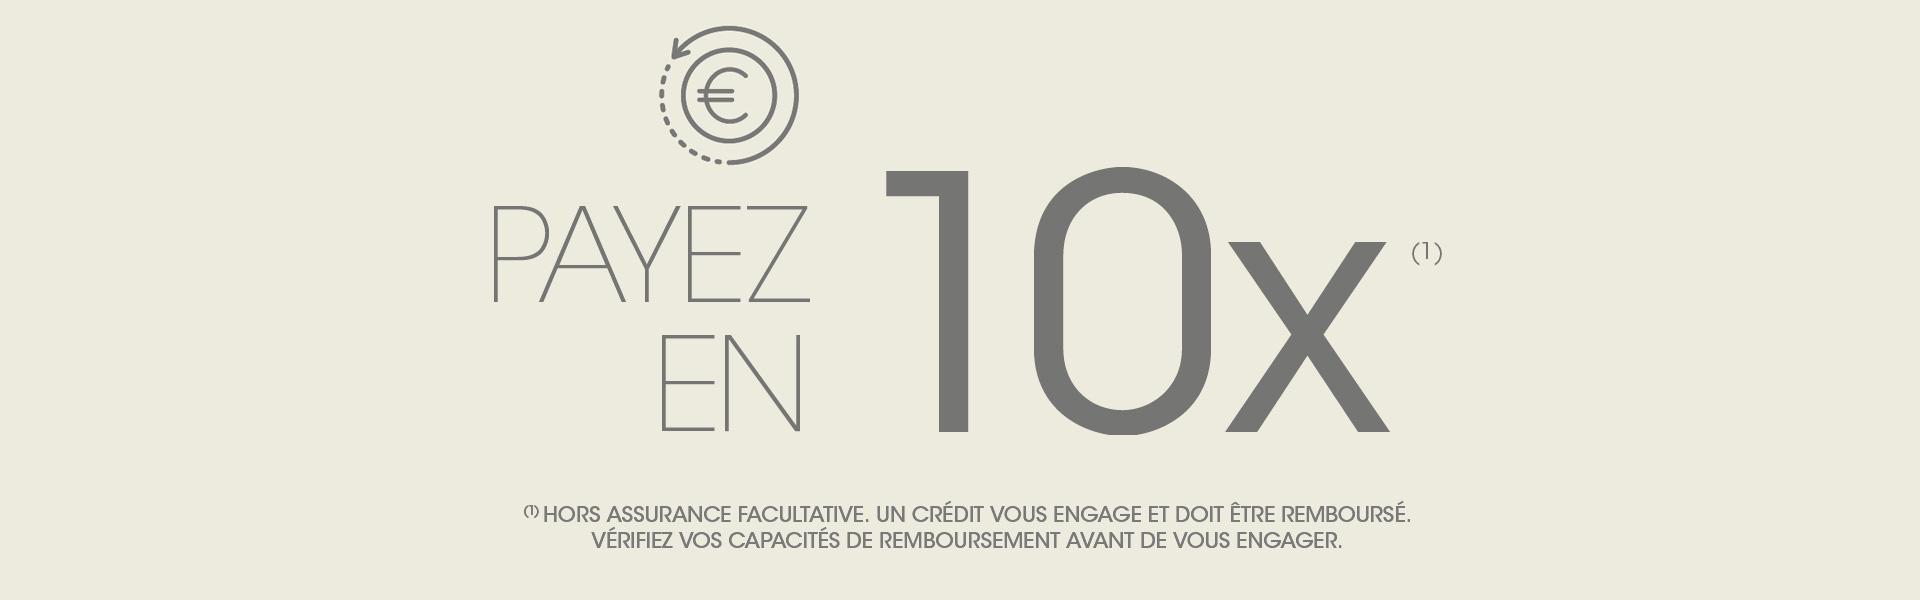 paiement_10_fois